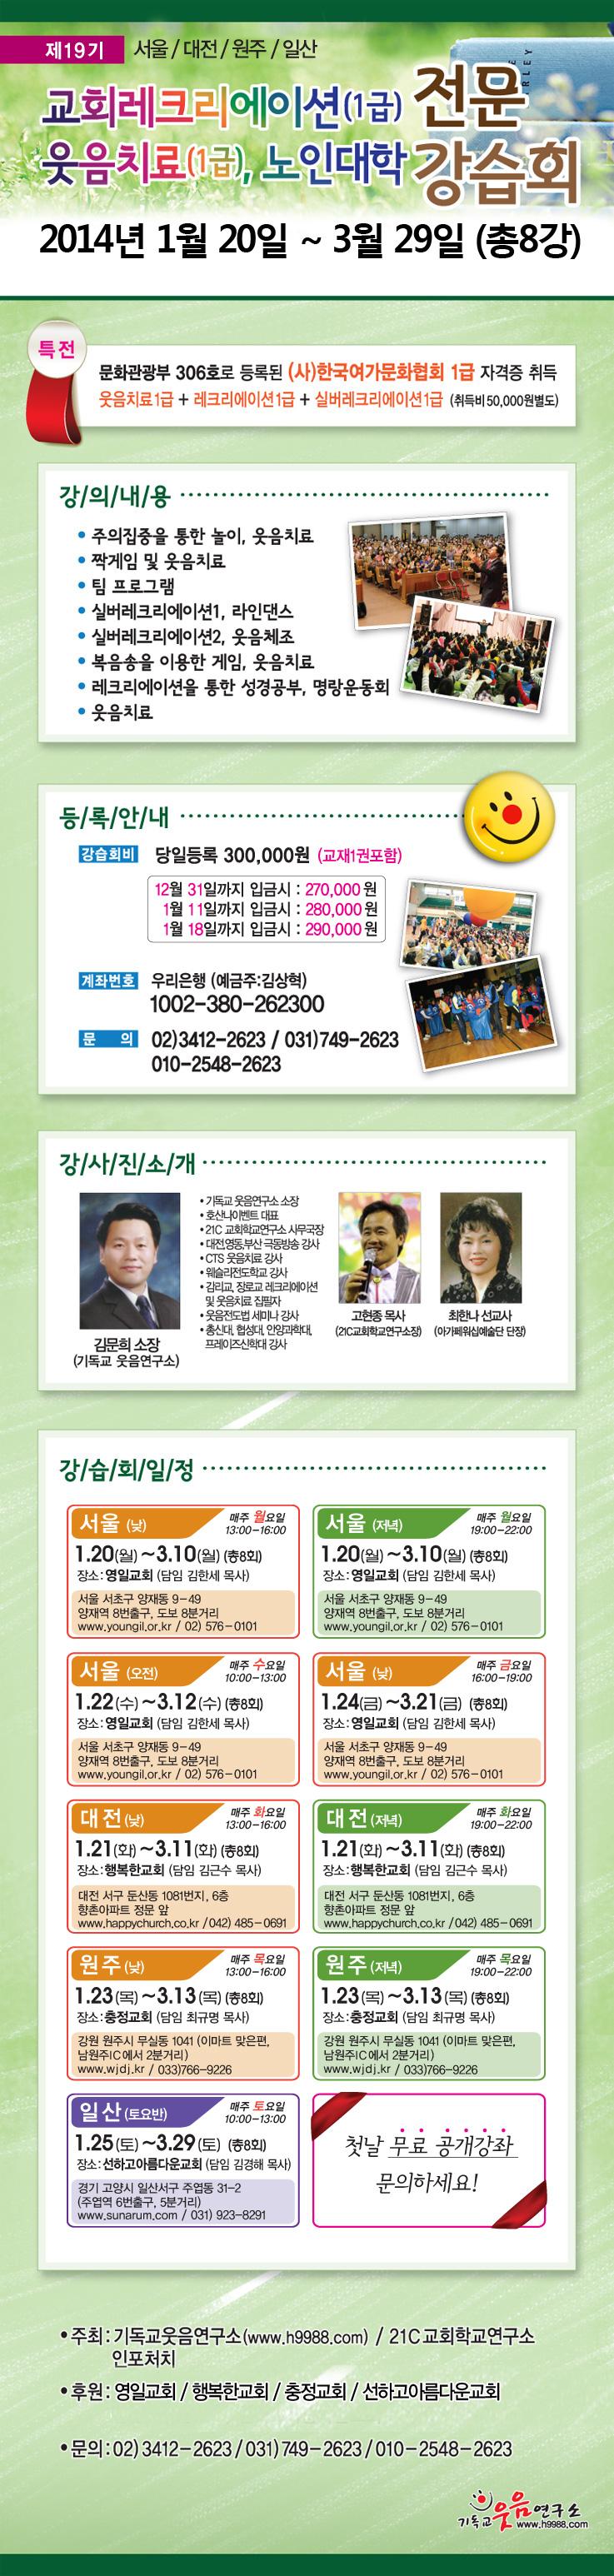 19기강습회_web.jpg